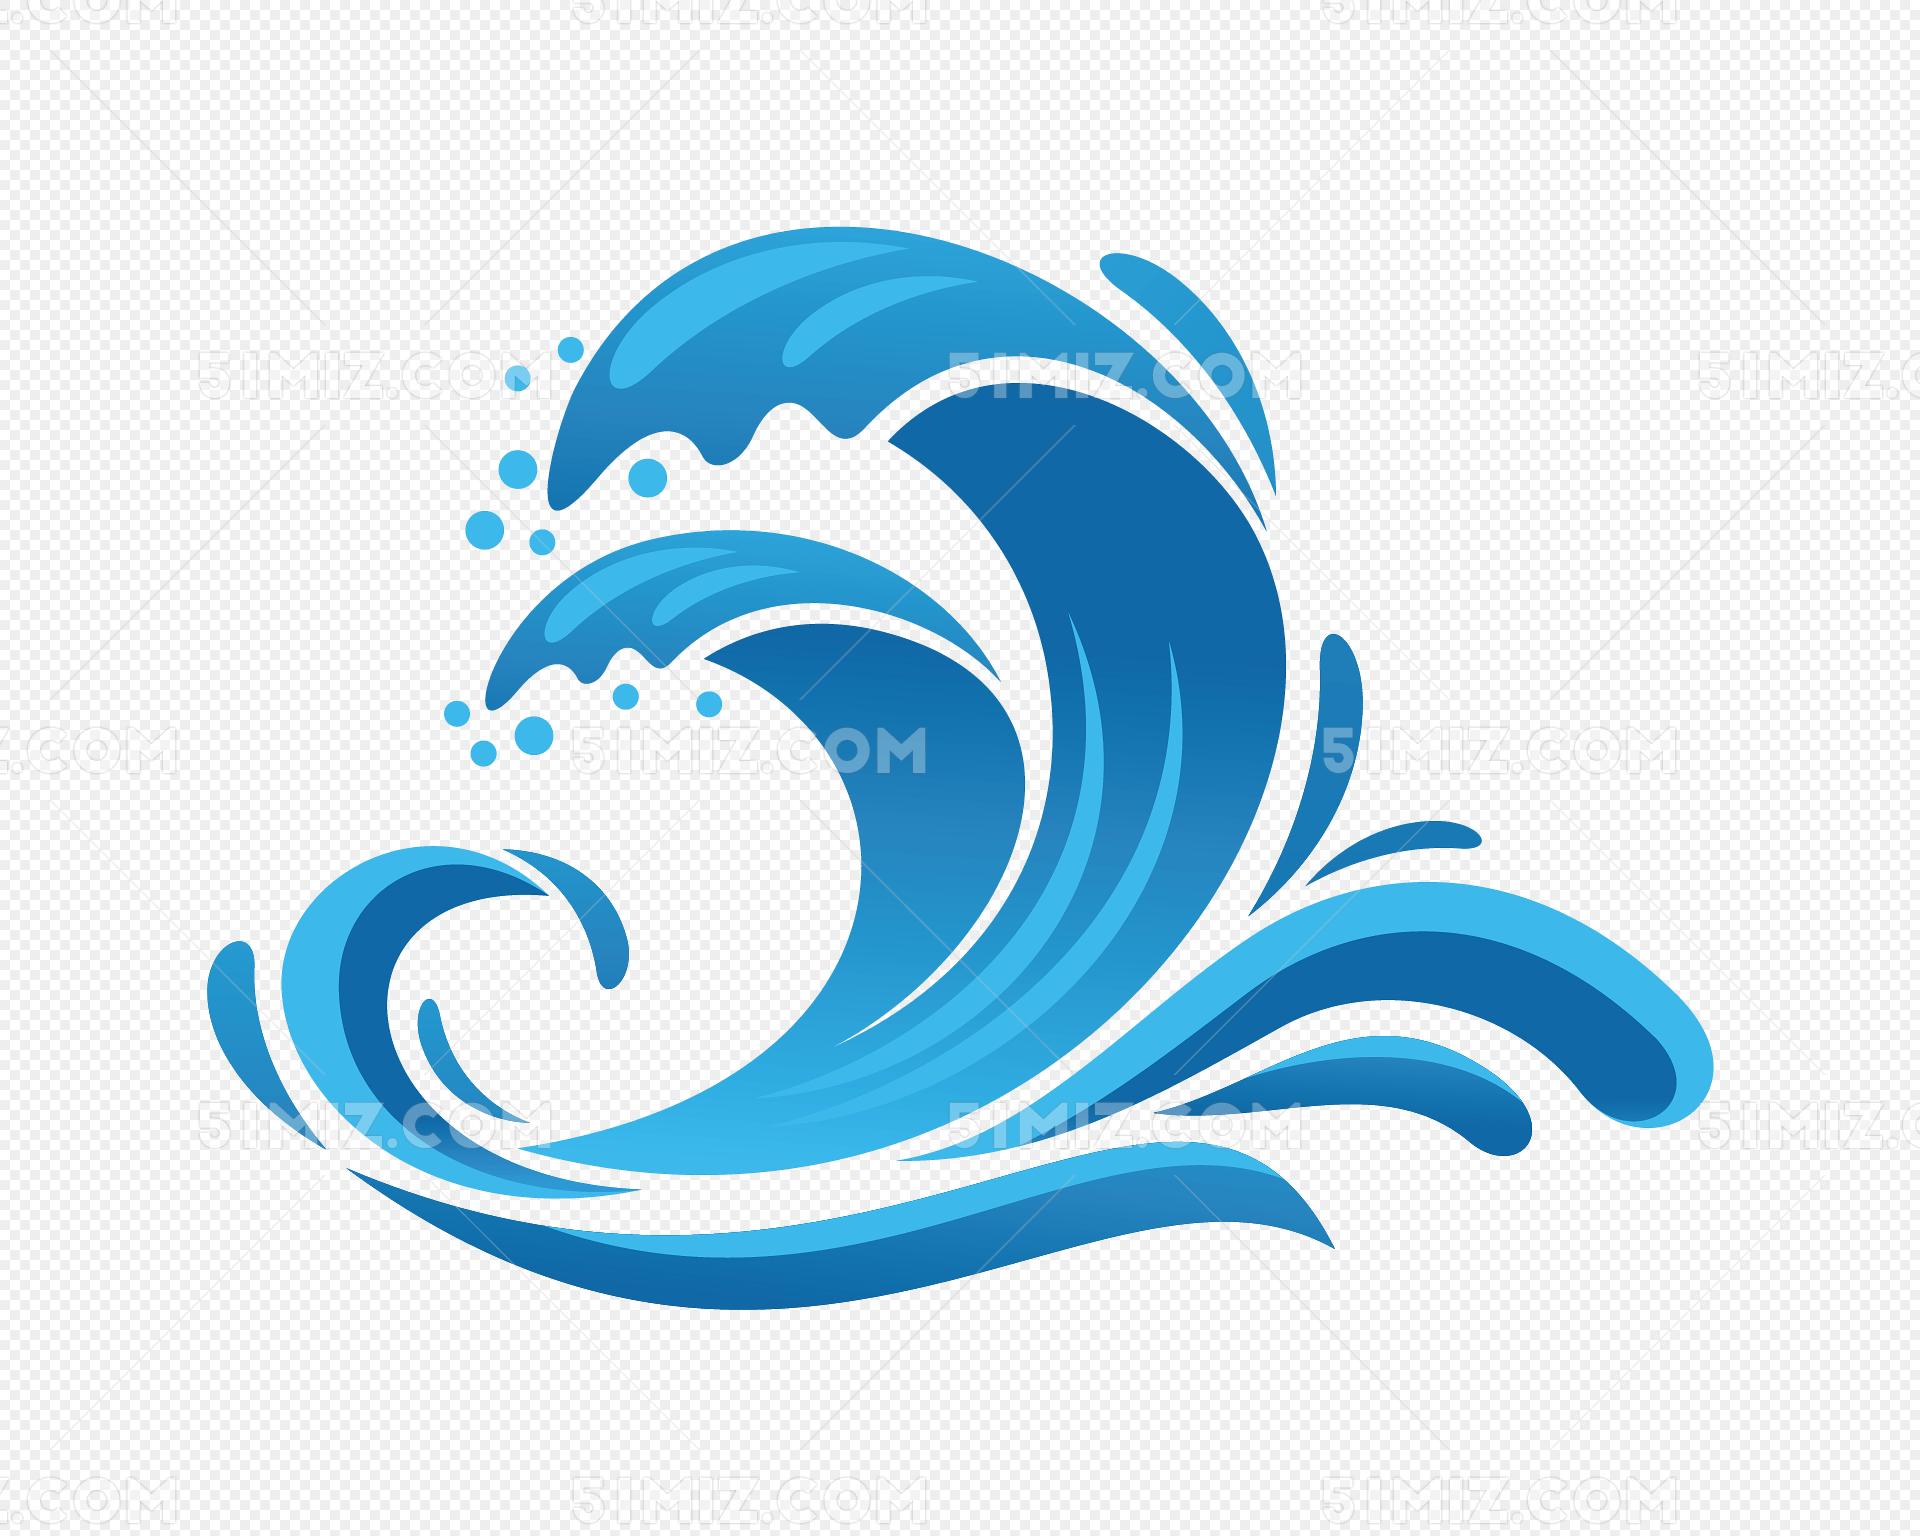 矢量图蓝色的浪花图片素材免费下载_觅知网